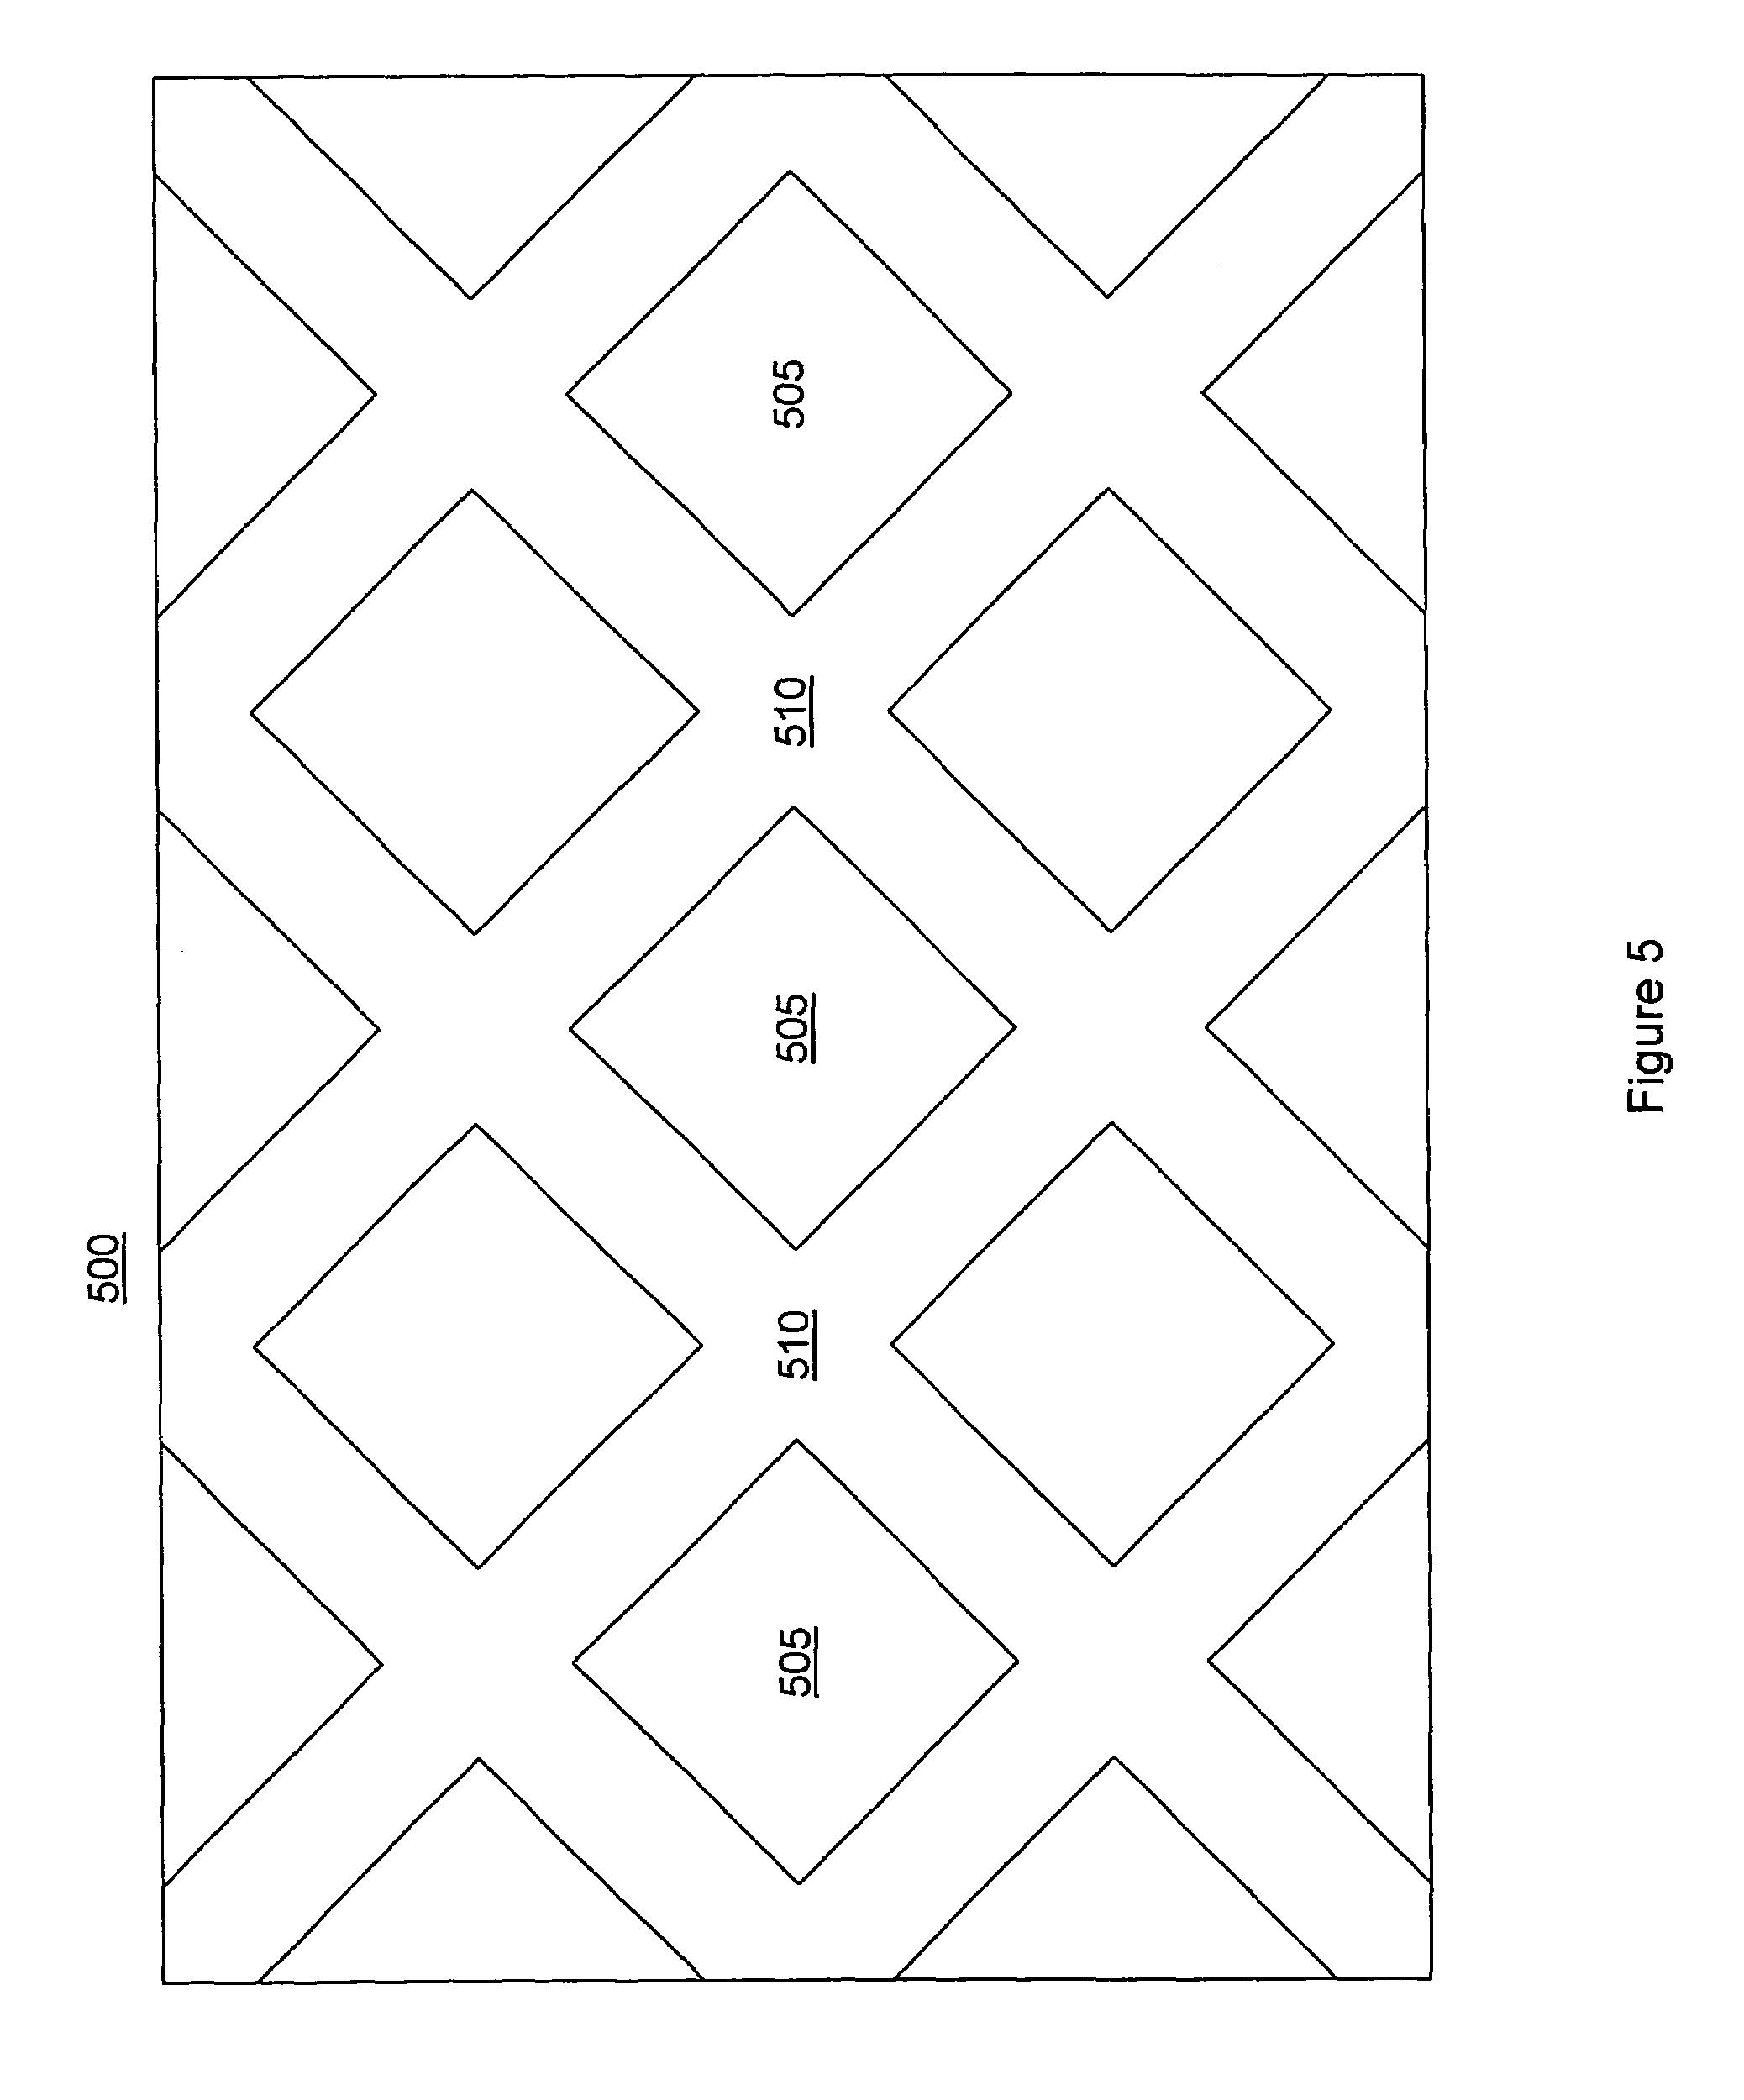 patent us7645673